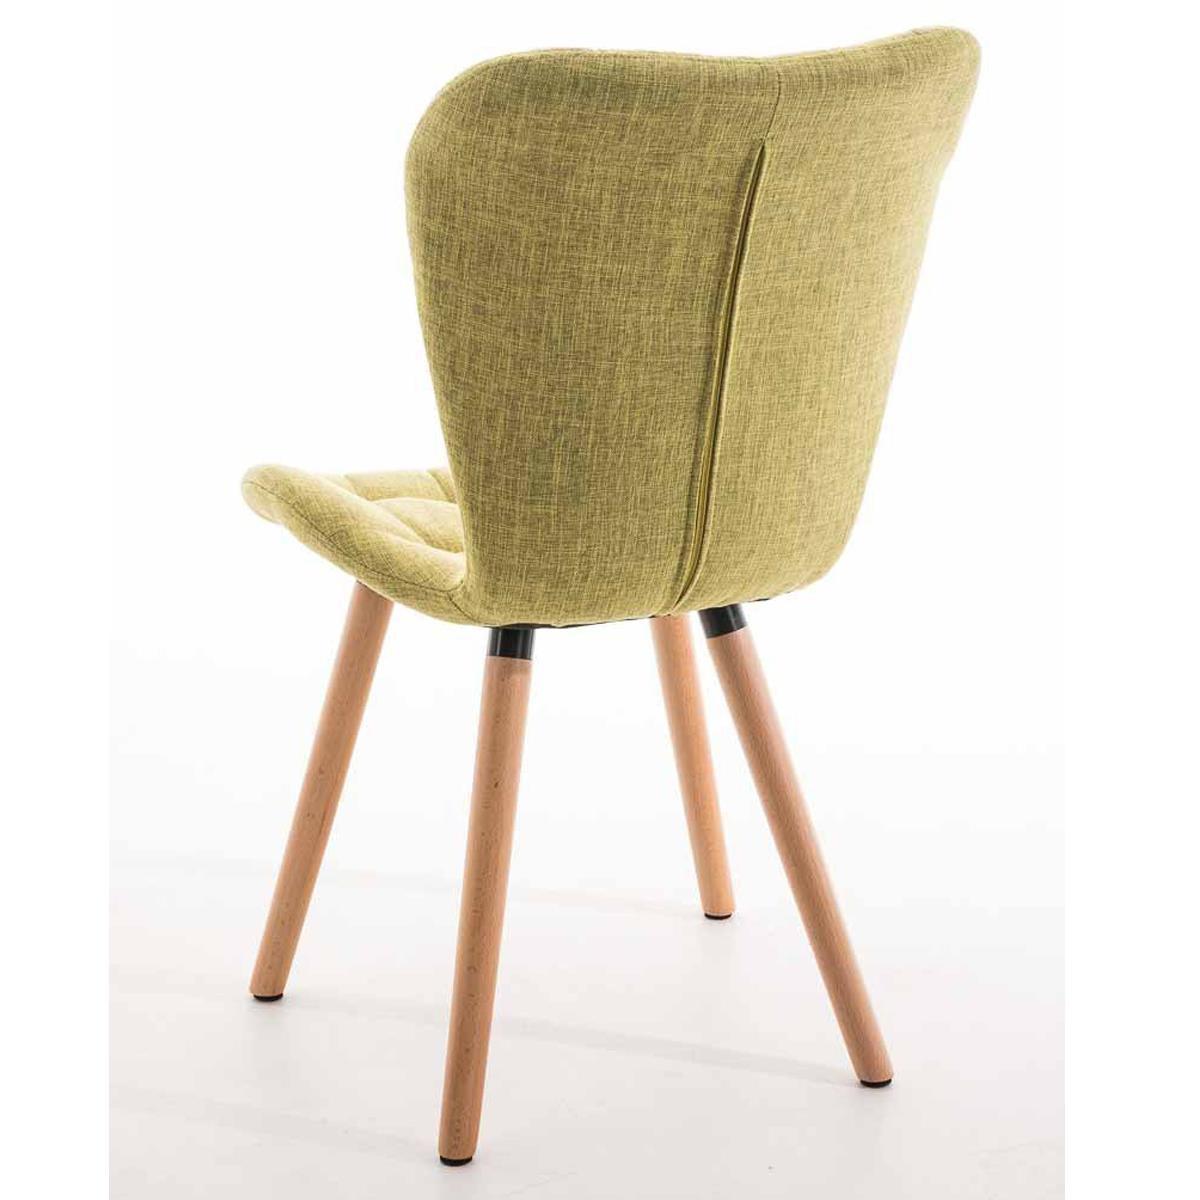 Silla de comedor padua con capiton y tapizada en tela - Tela para sillas de comedor ...